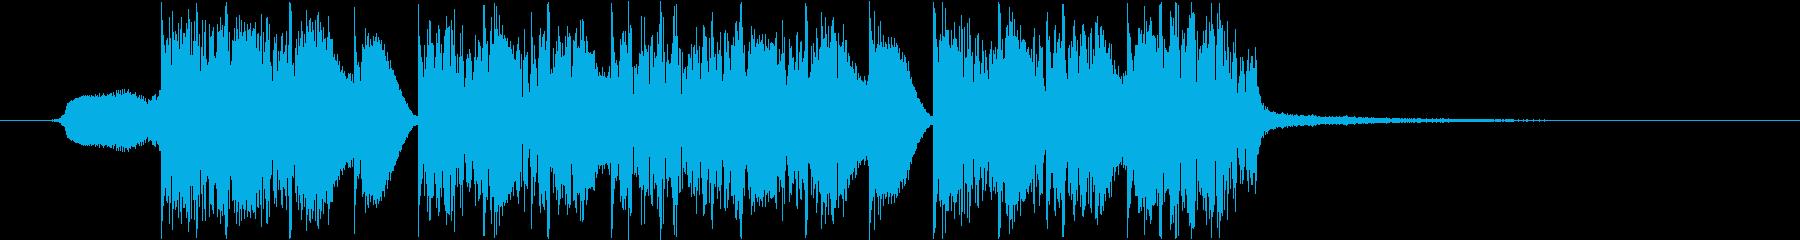 エネルギッシュ、ロゴ、ジングルの再生済みの波形